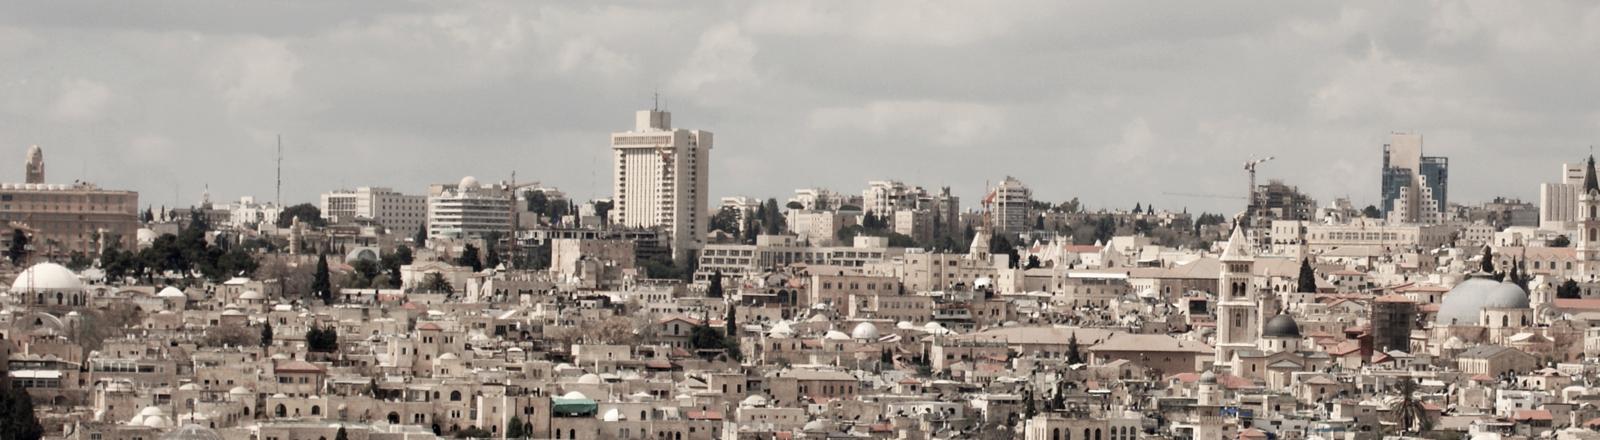 Stadtansicht von Jerusalem ohne Felsendom.